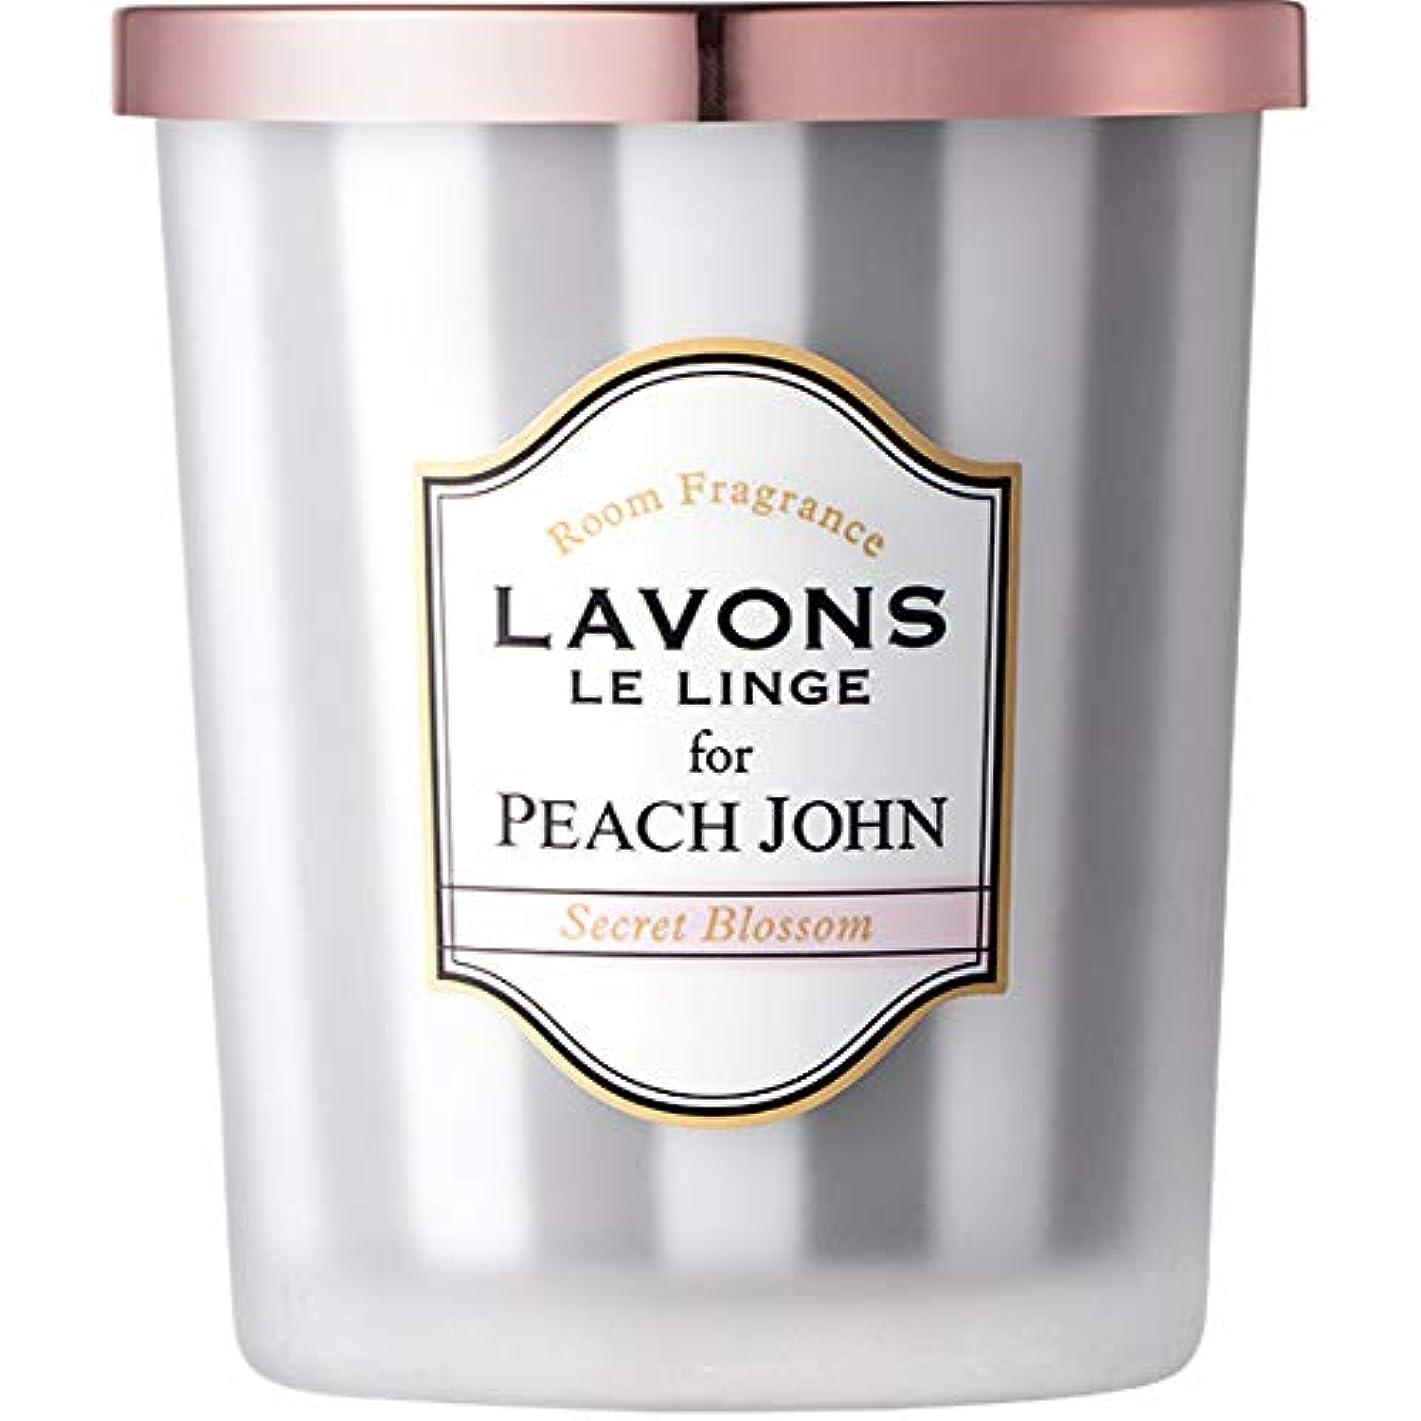 置換一定ビリーラボン for PEACH JOHN 部屋用フレグランス シークレットブロッサムの香り 150g